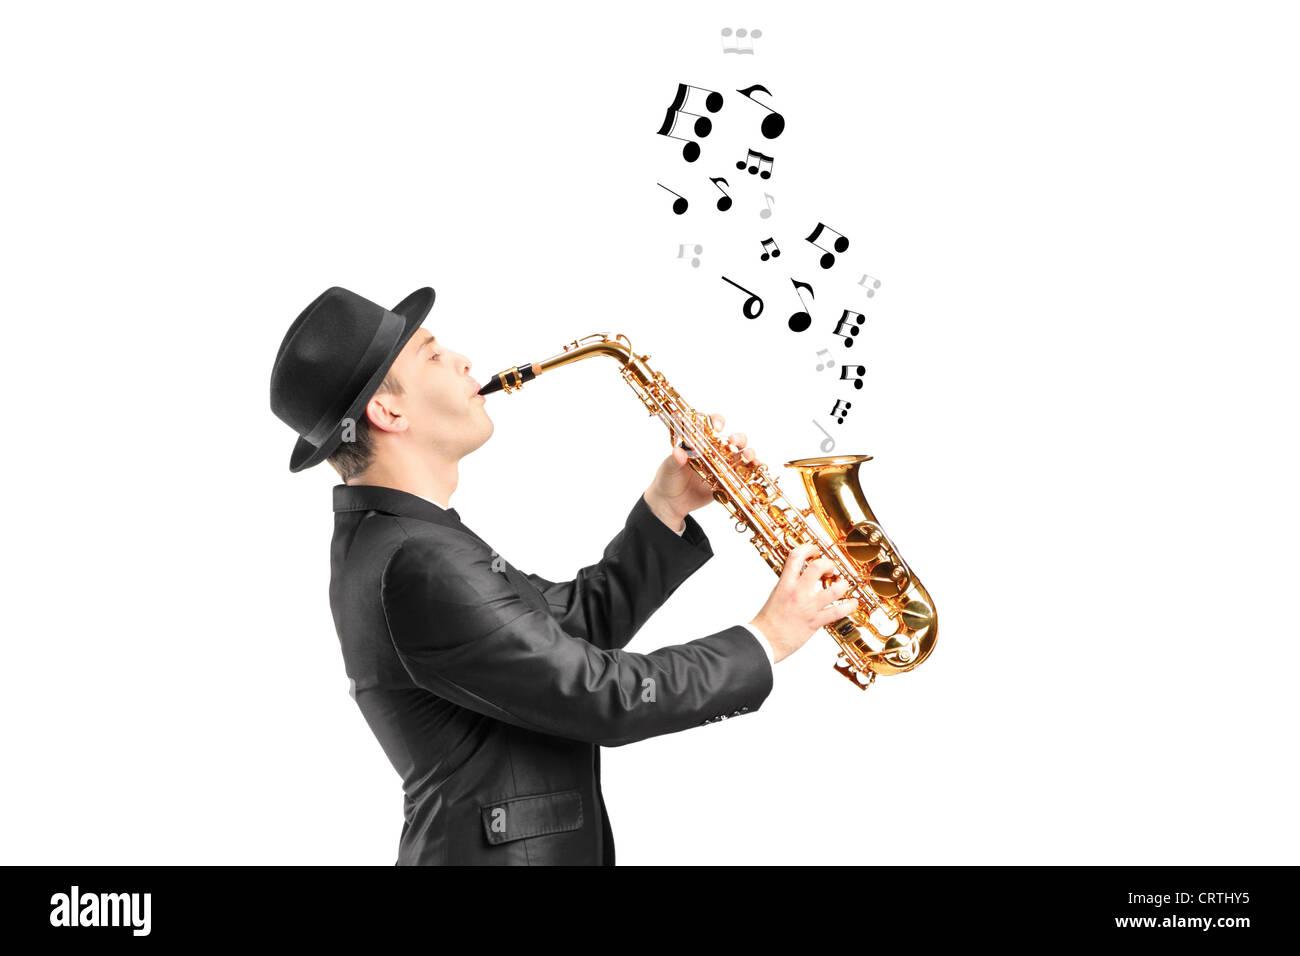 Ein Mann spielt Saxophon und Noten aus Hintergrund isoliert Stockbild